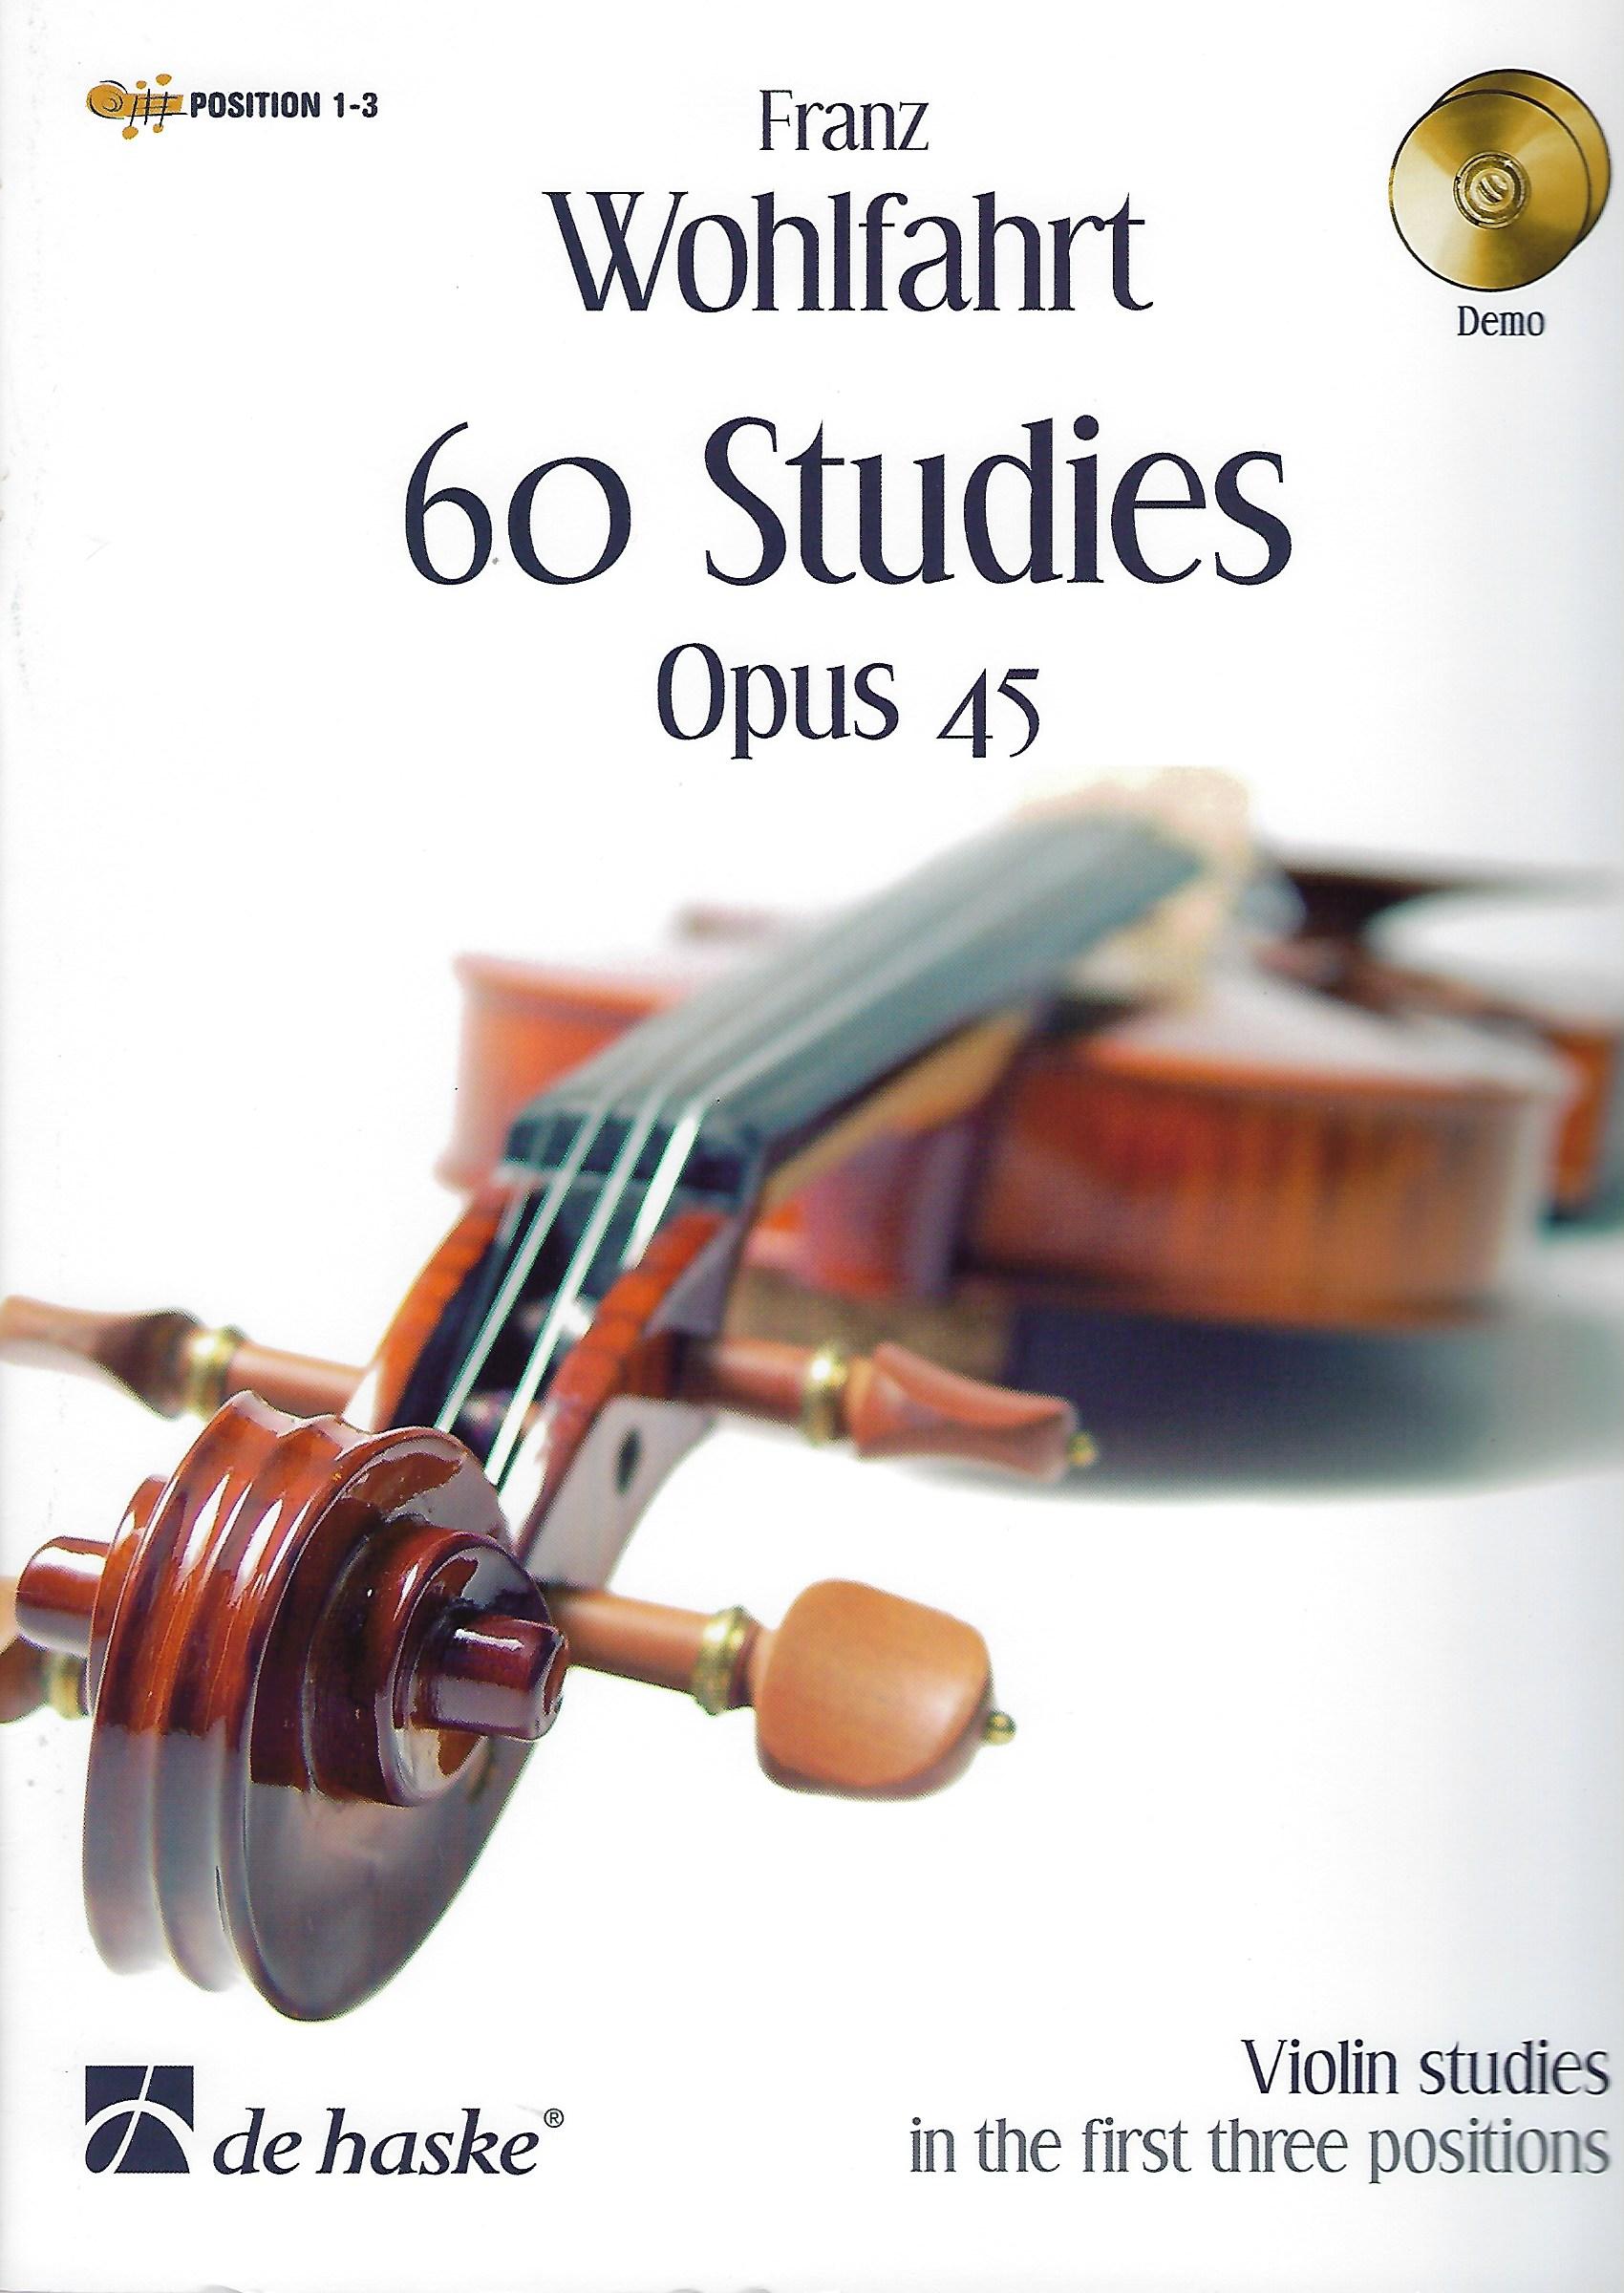 60 Studies Opus 45